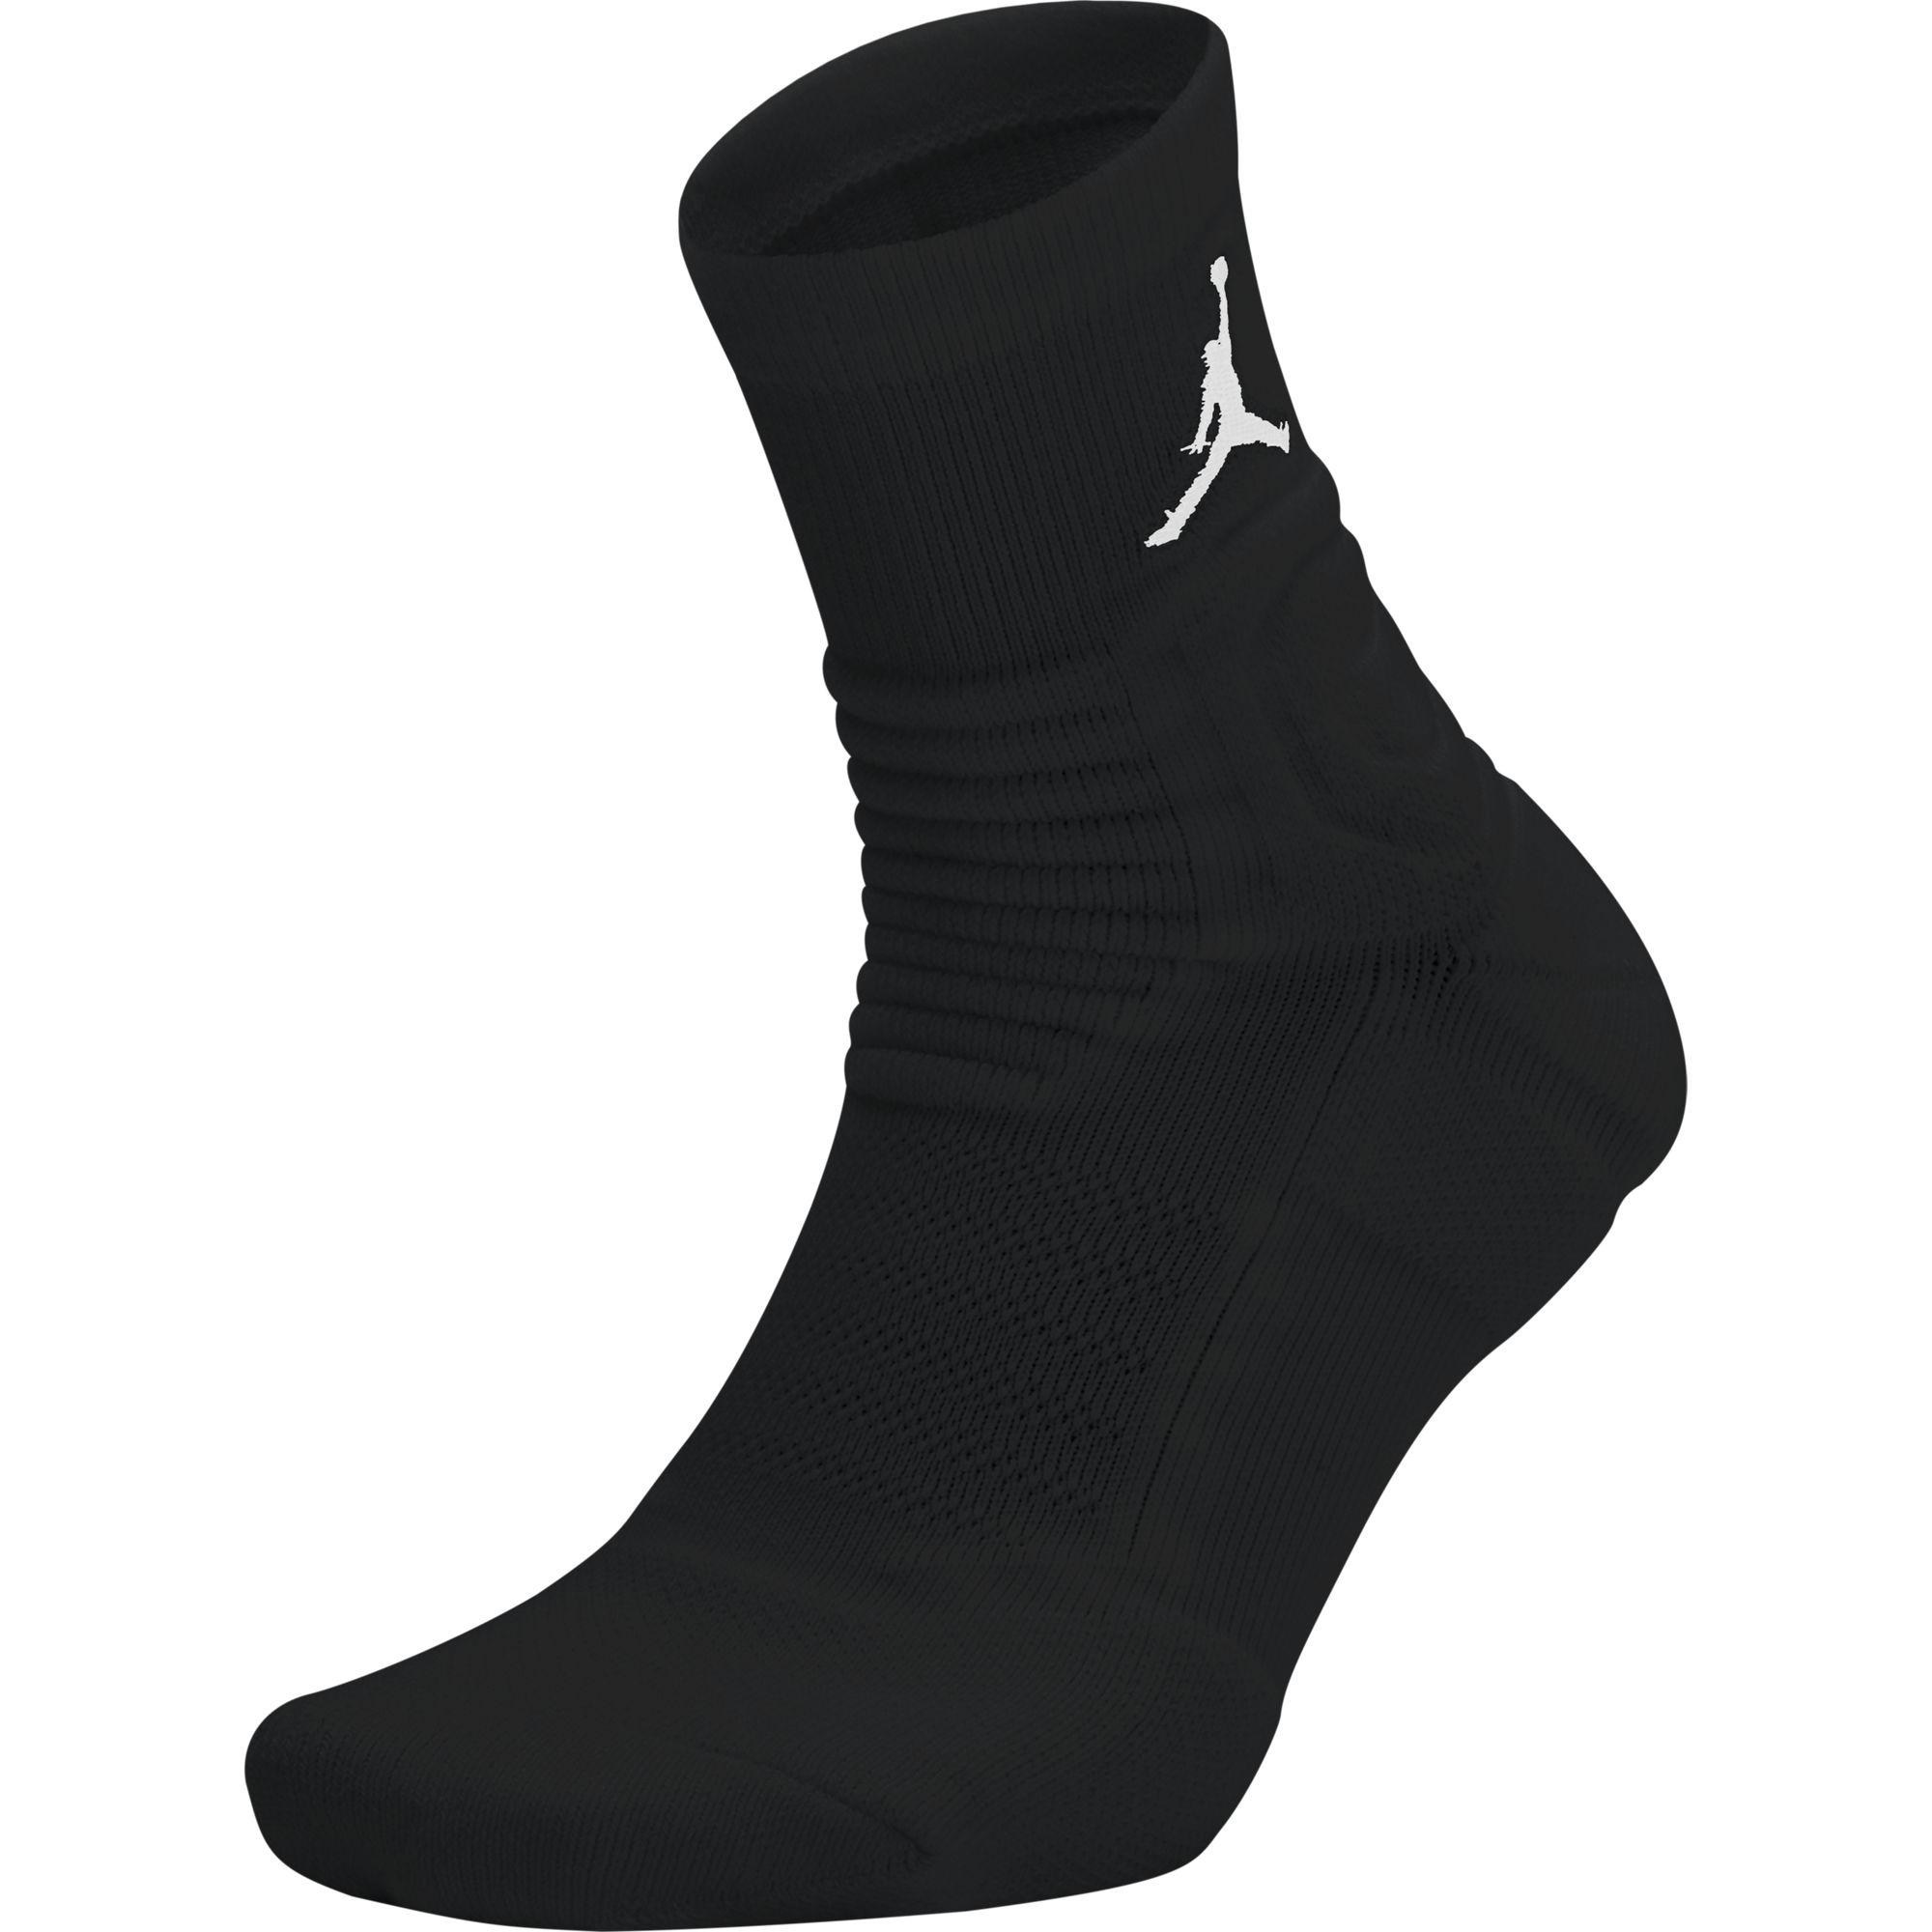 Мужские баскетбольные носки Jordan Ultimate Flight Quarter 2.0 SX5855-011